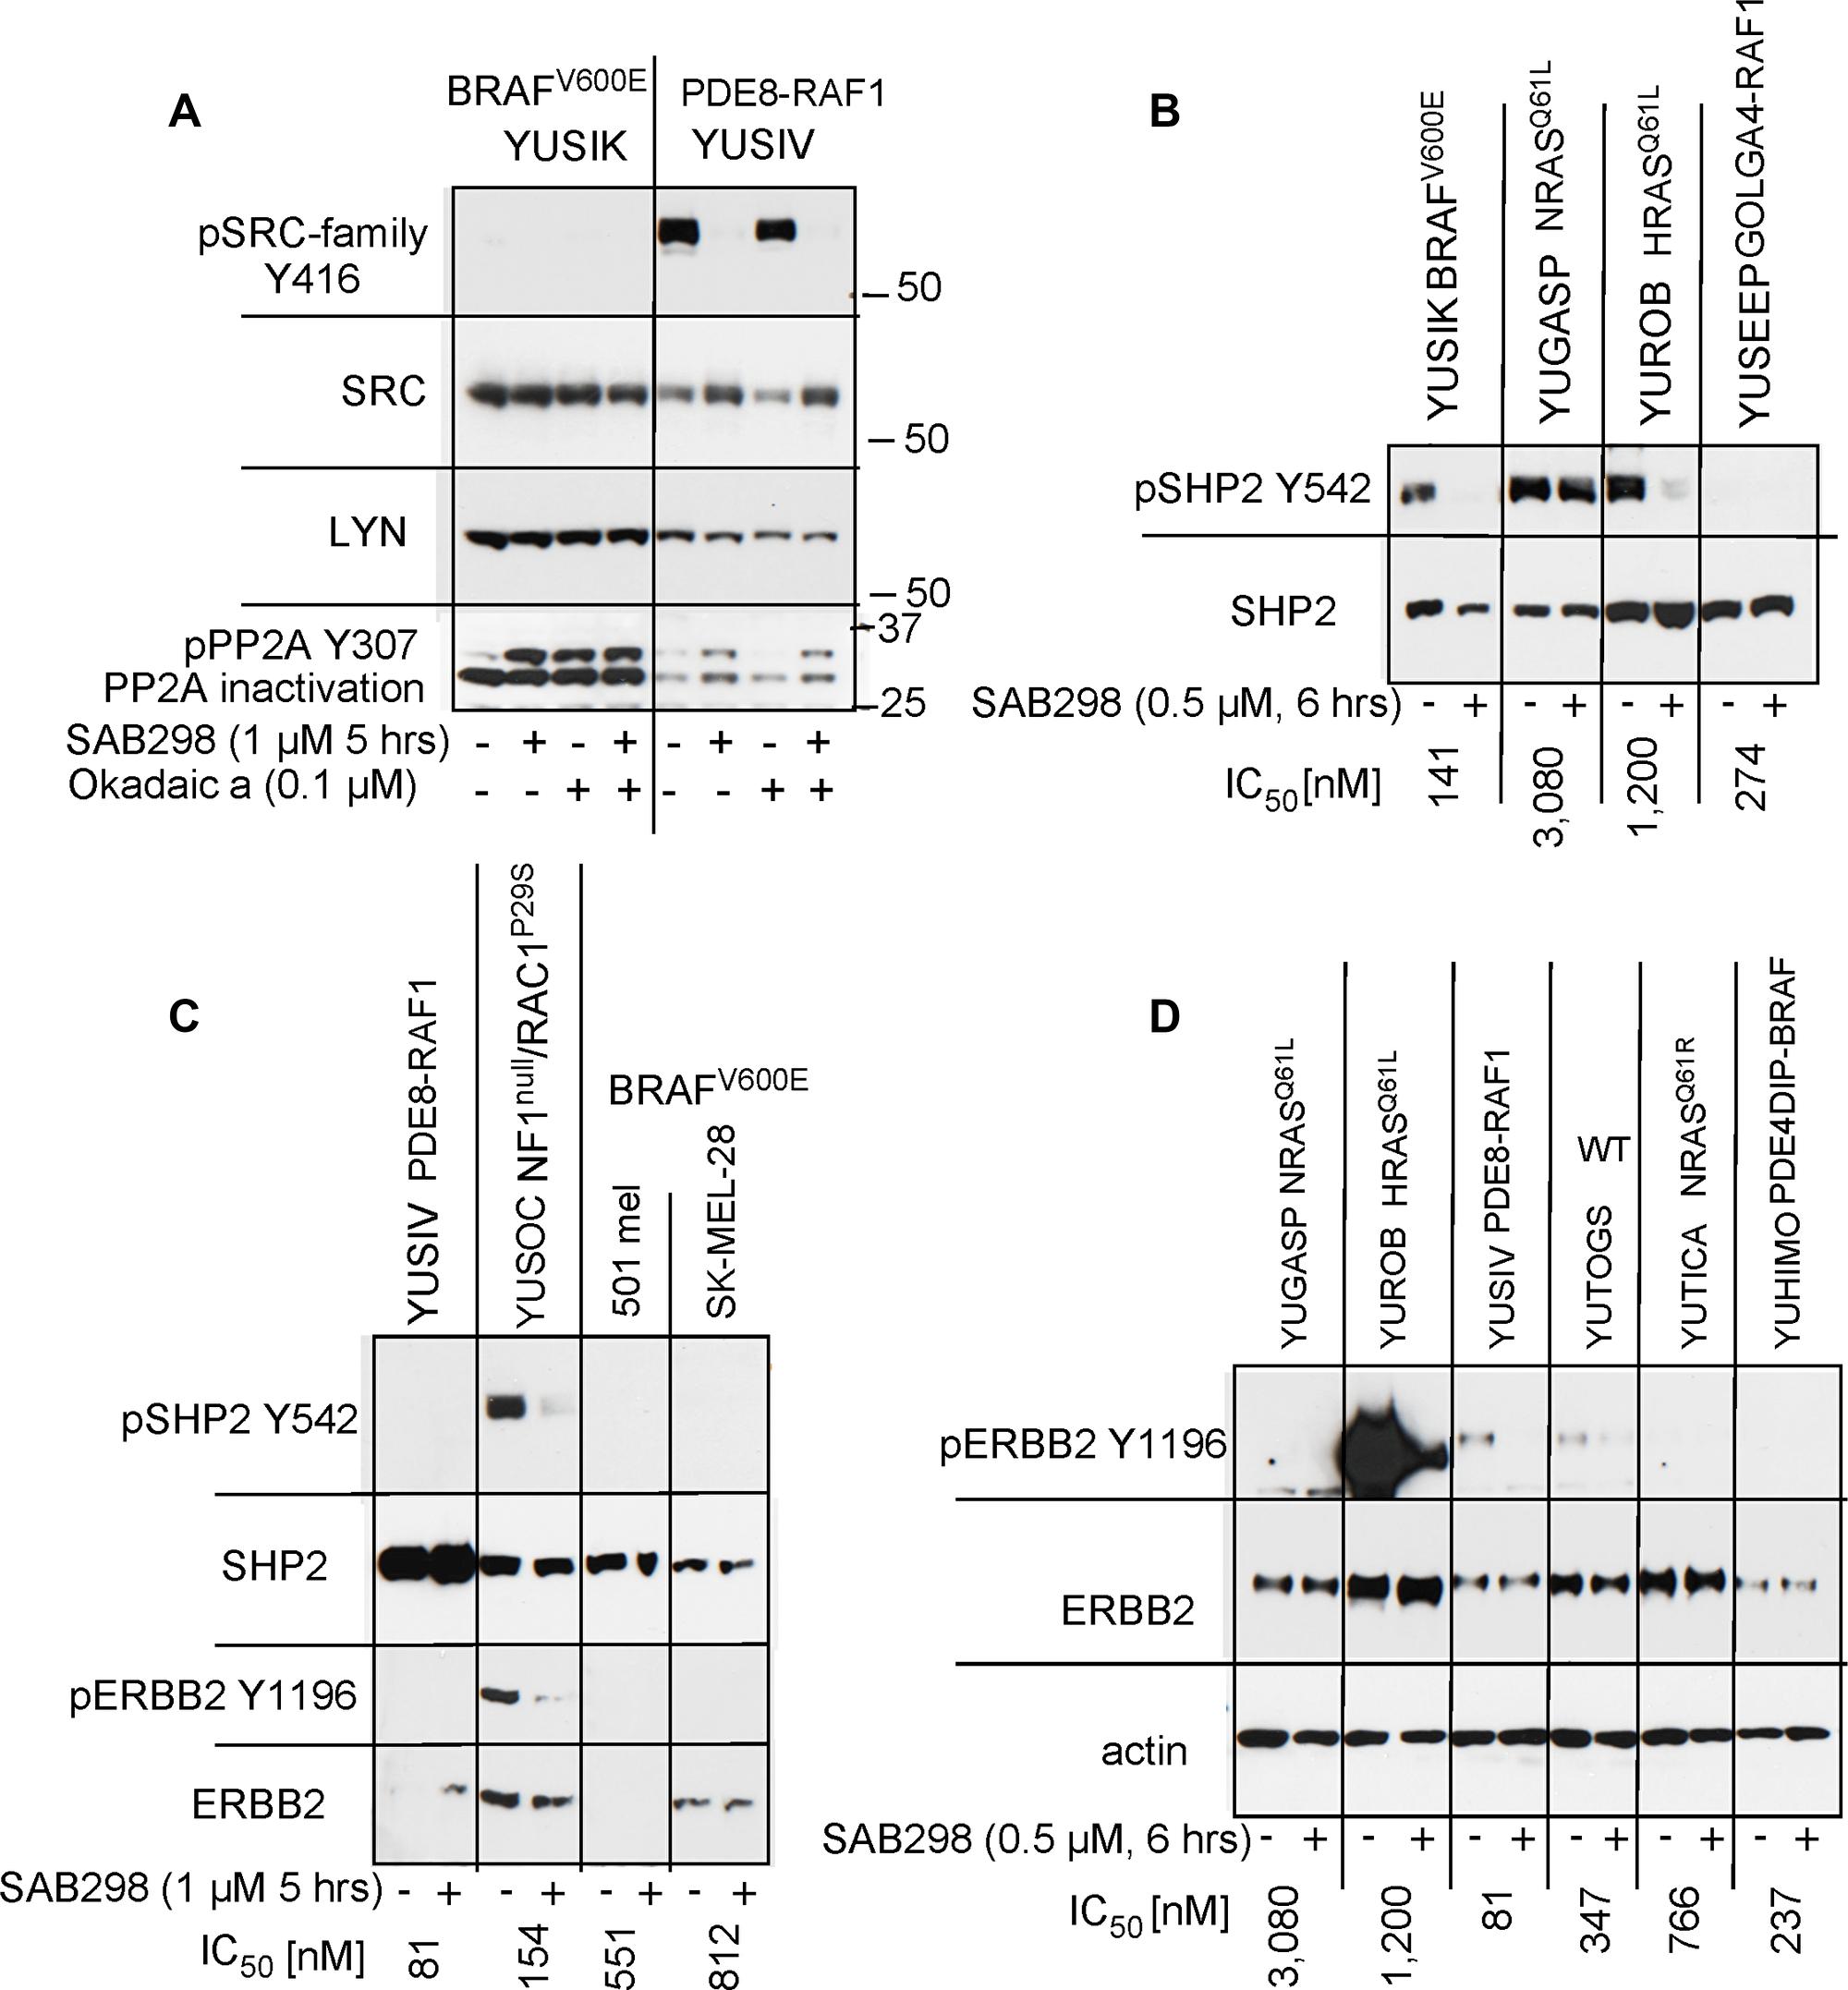 SAB298 inactivates PP2A, SHP2 via ERBB2 inhibition.